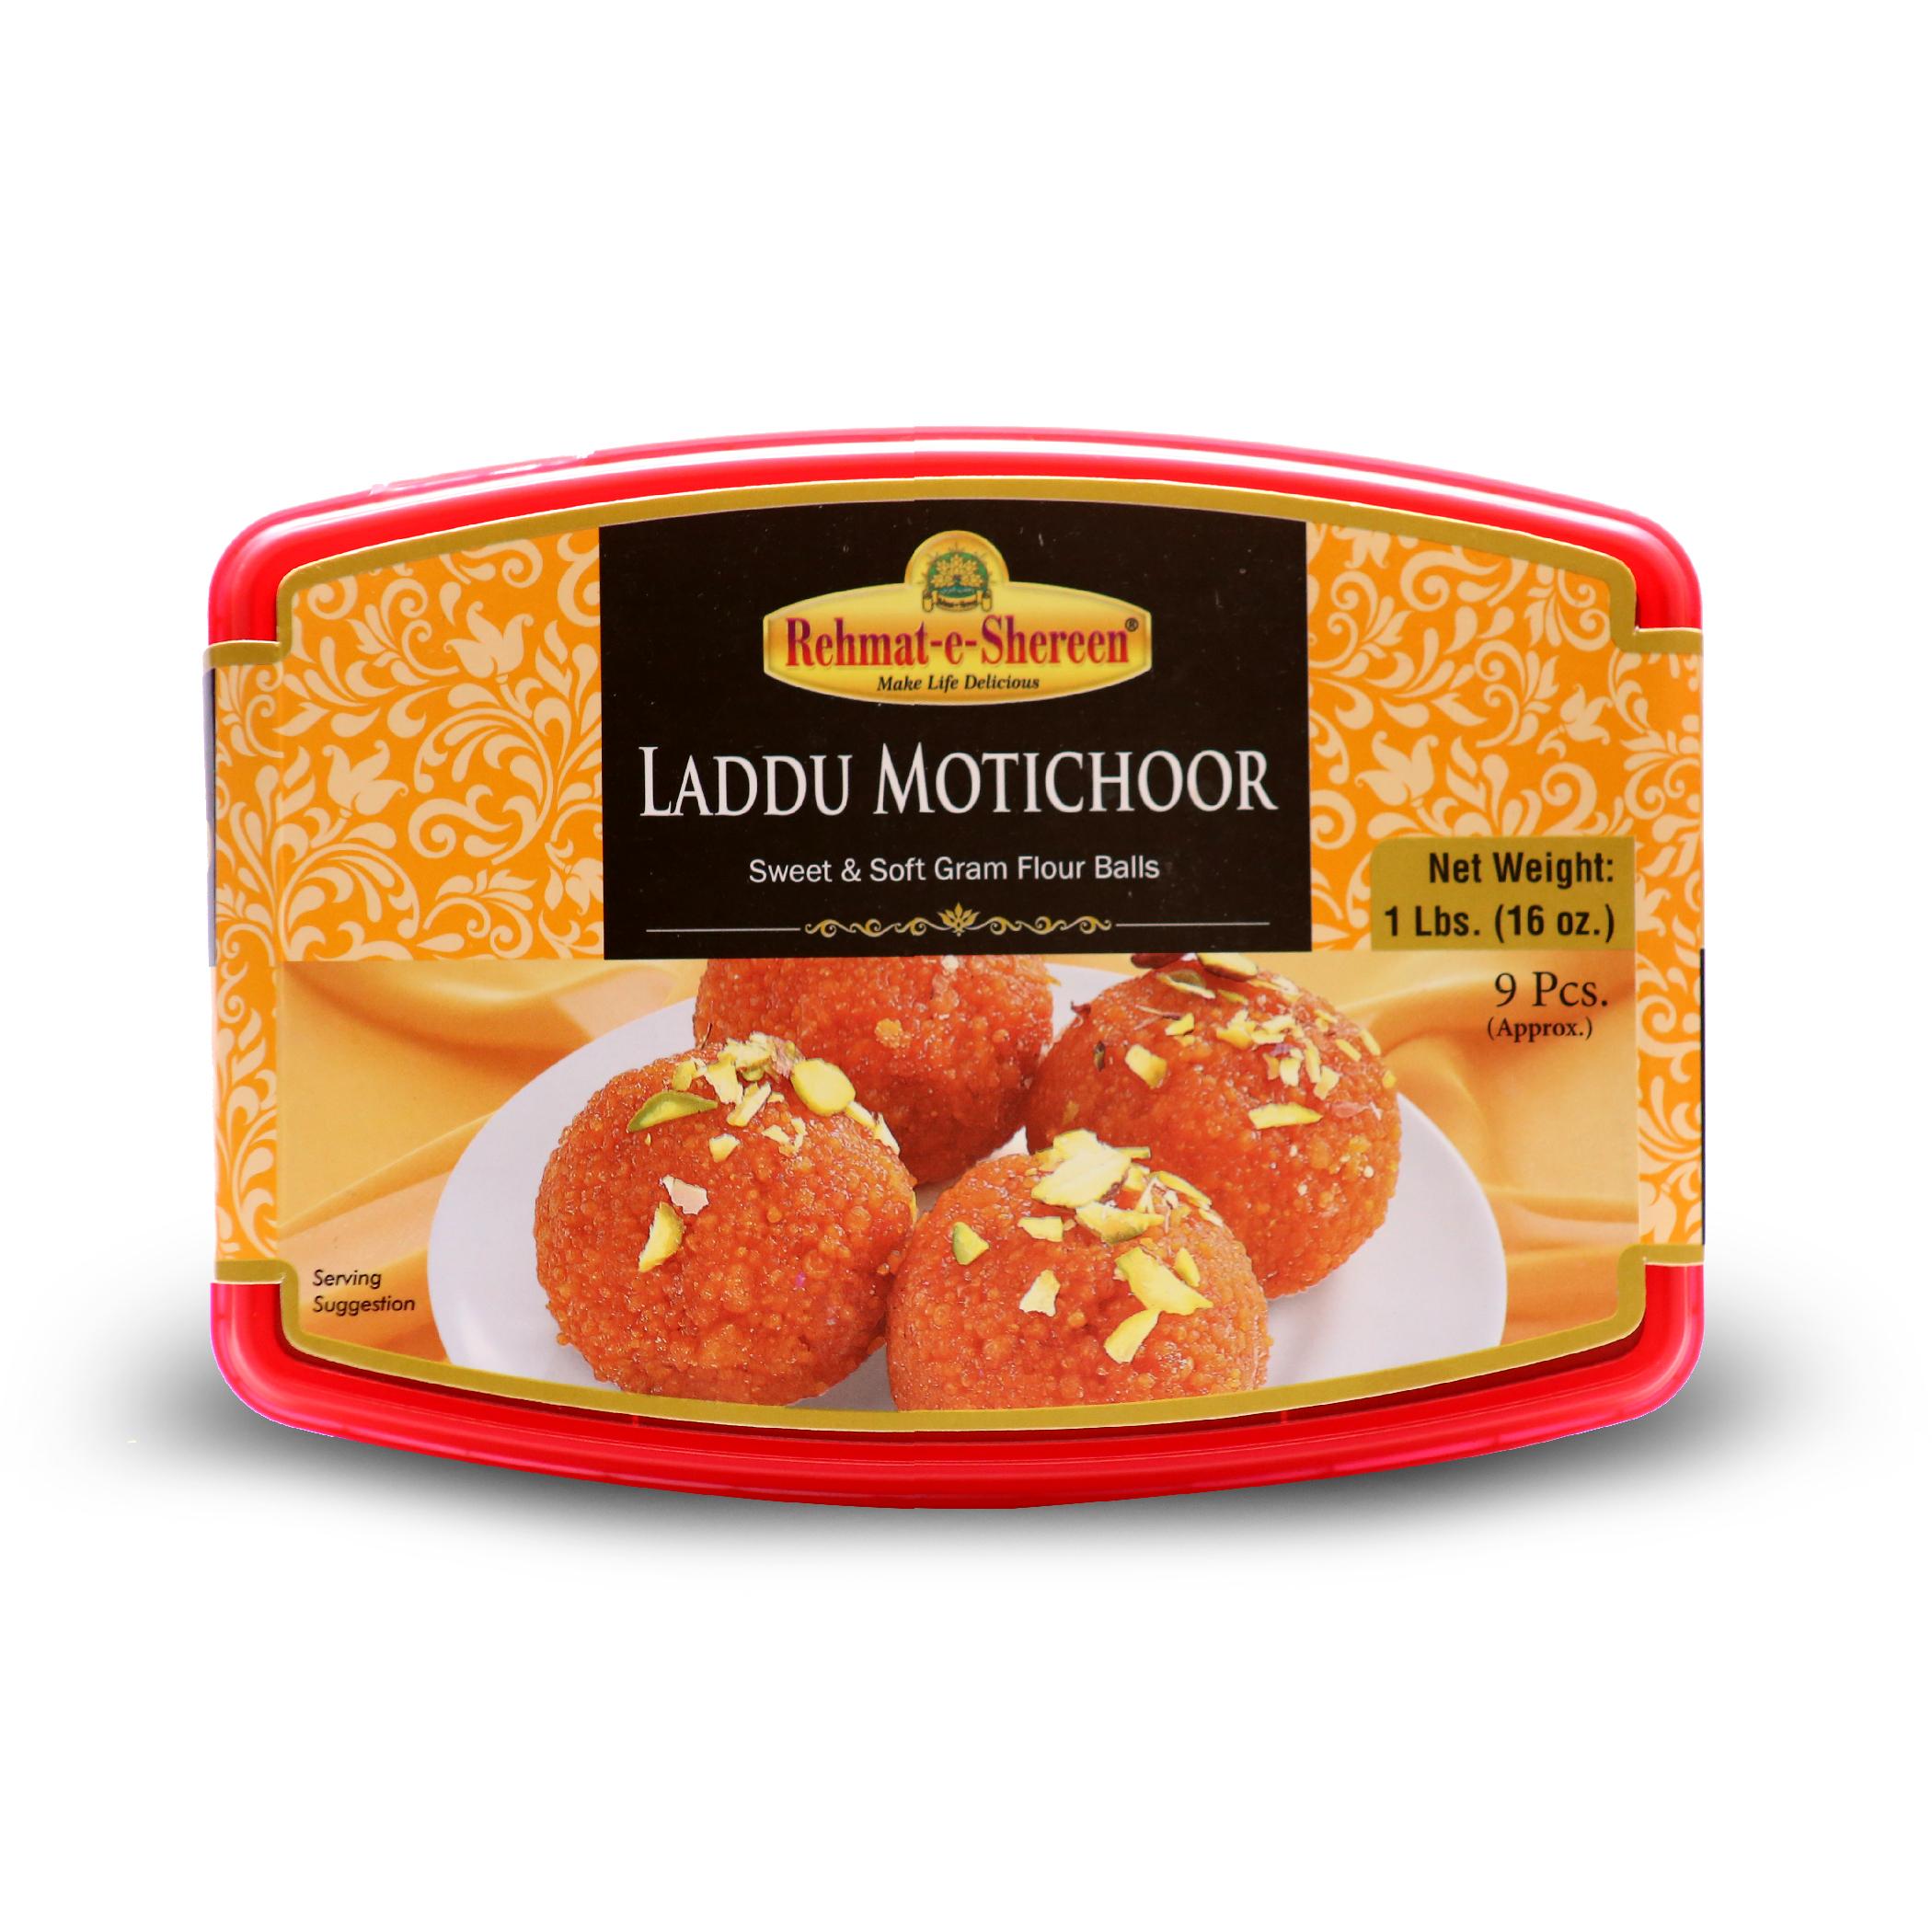 Laddu Motichoor